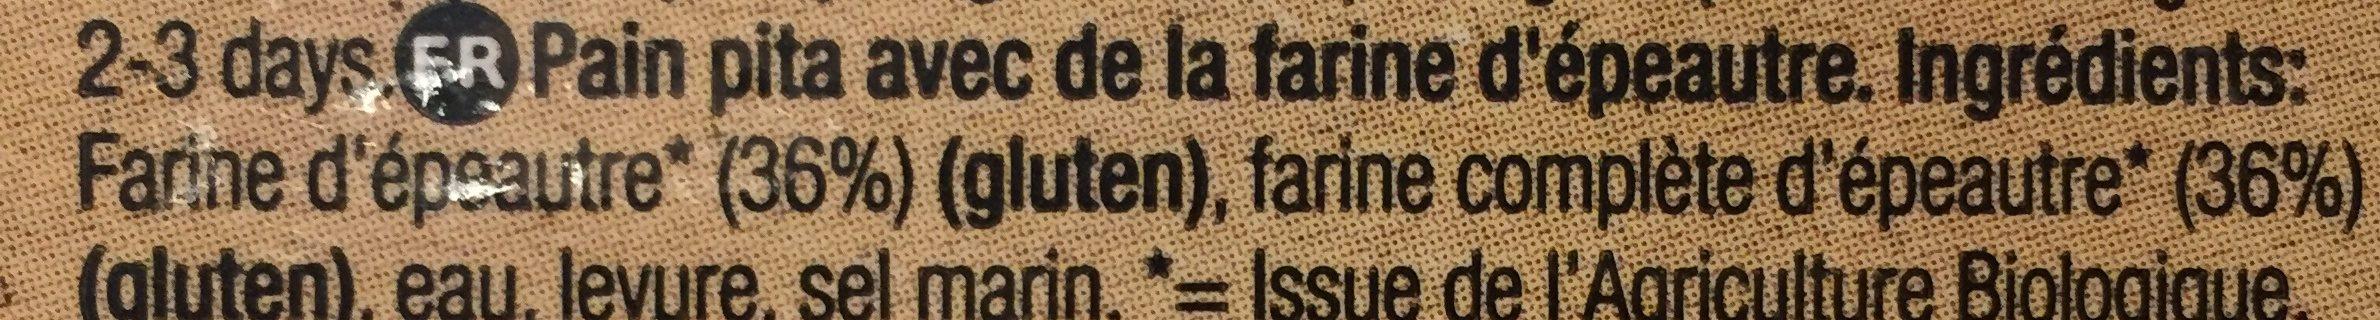 Organic spelt pita bread - Ingrediënten - fr